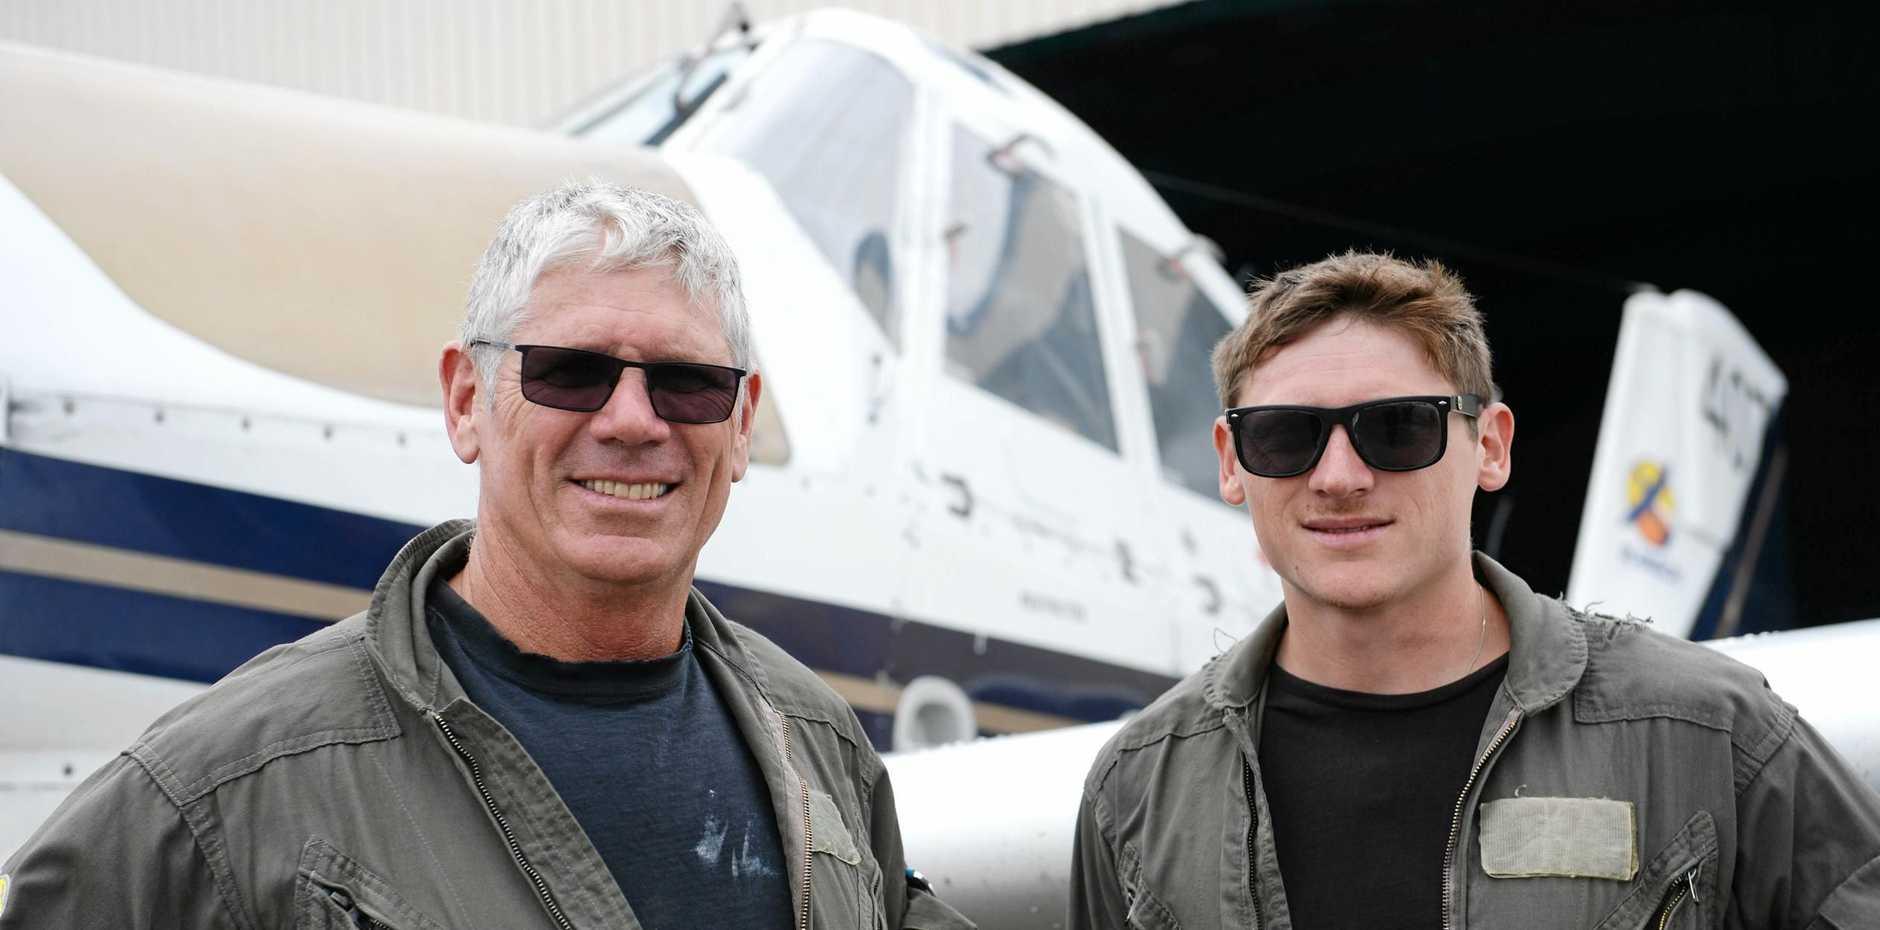 R-Mach Aviation's Richard McDonald and Peter McDonald.